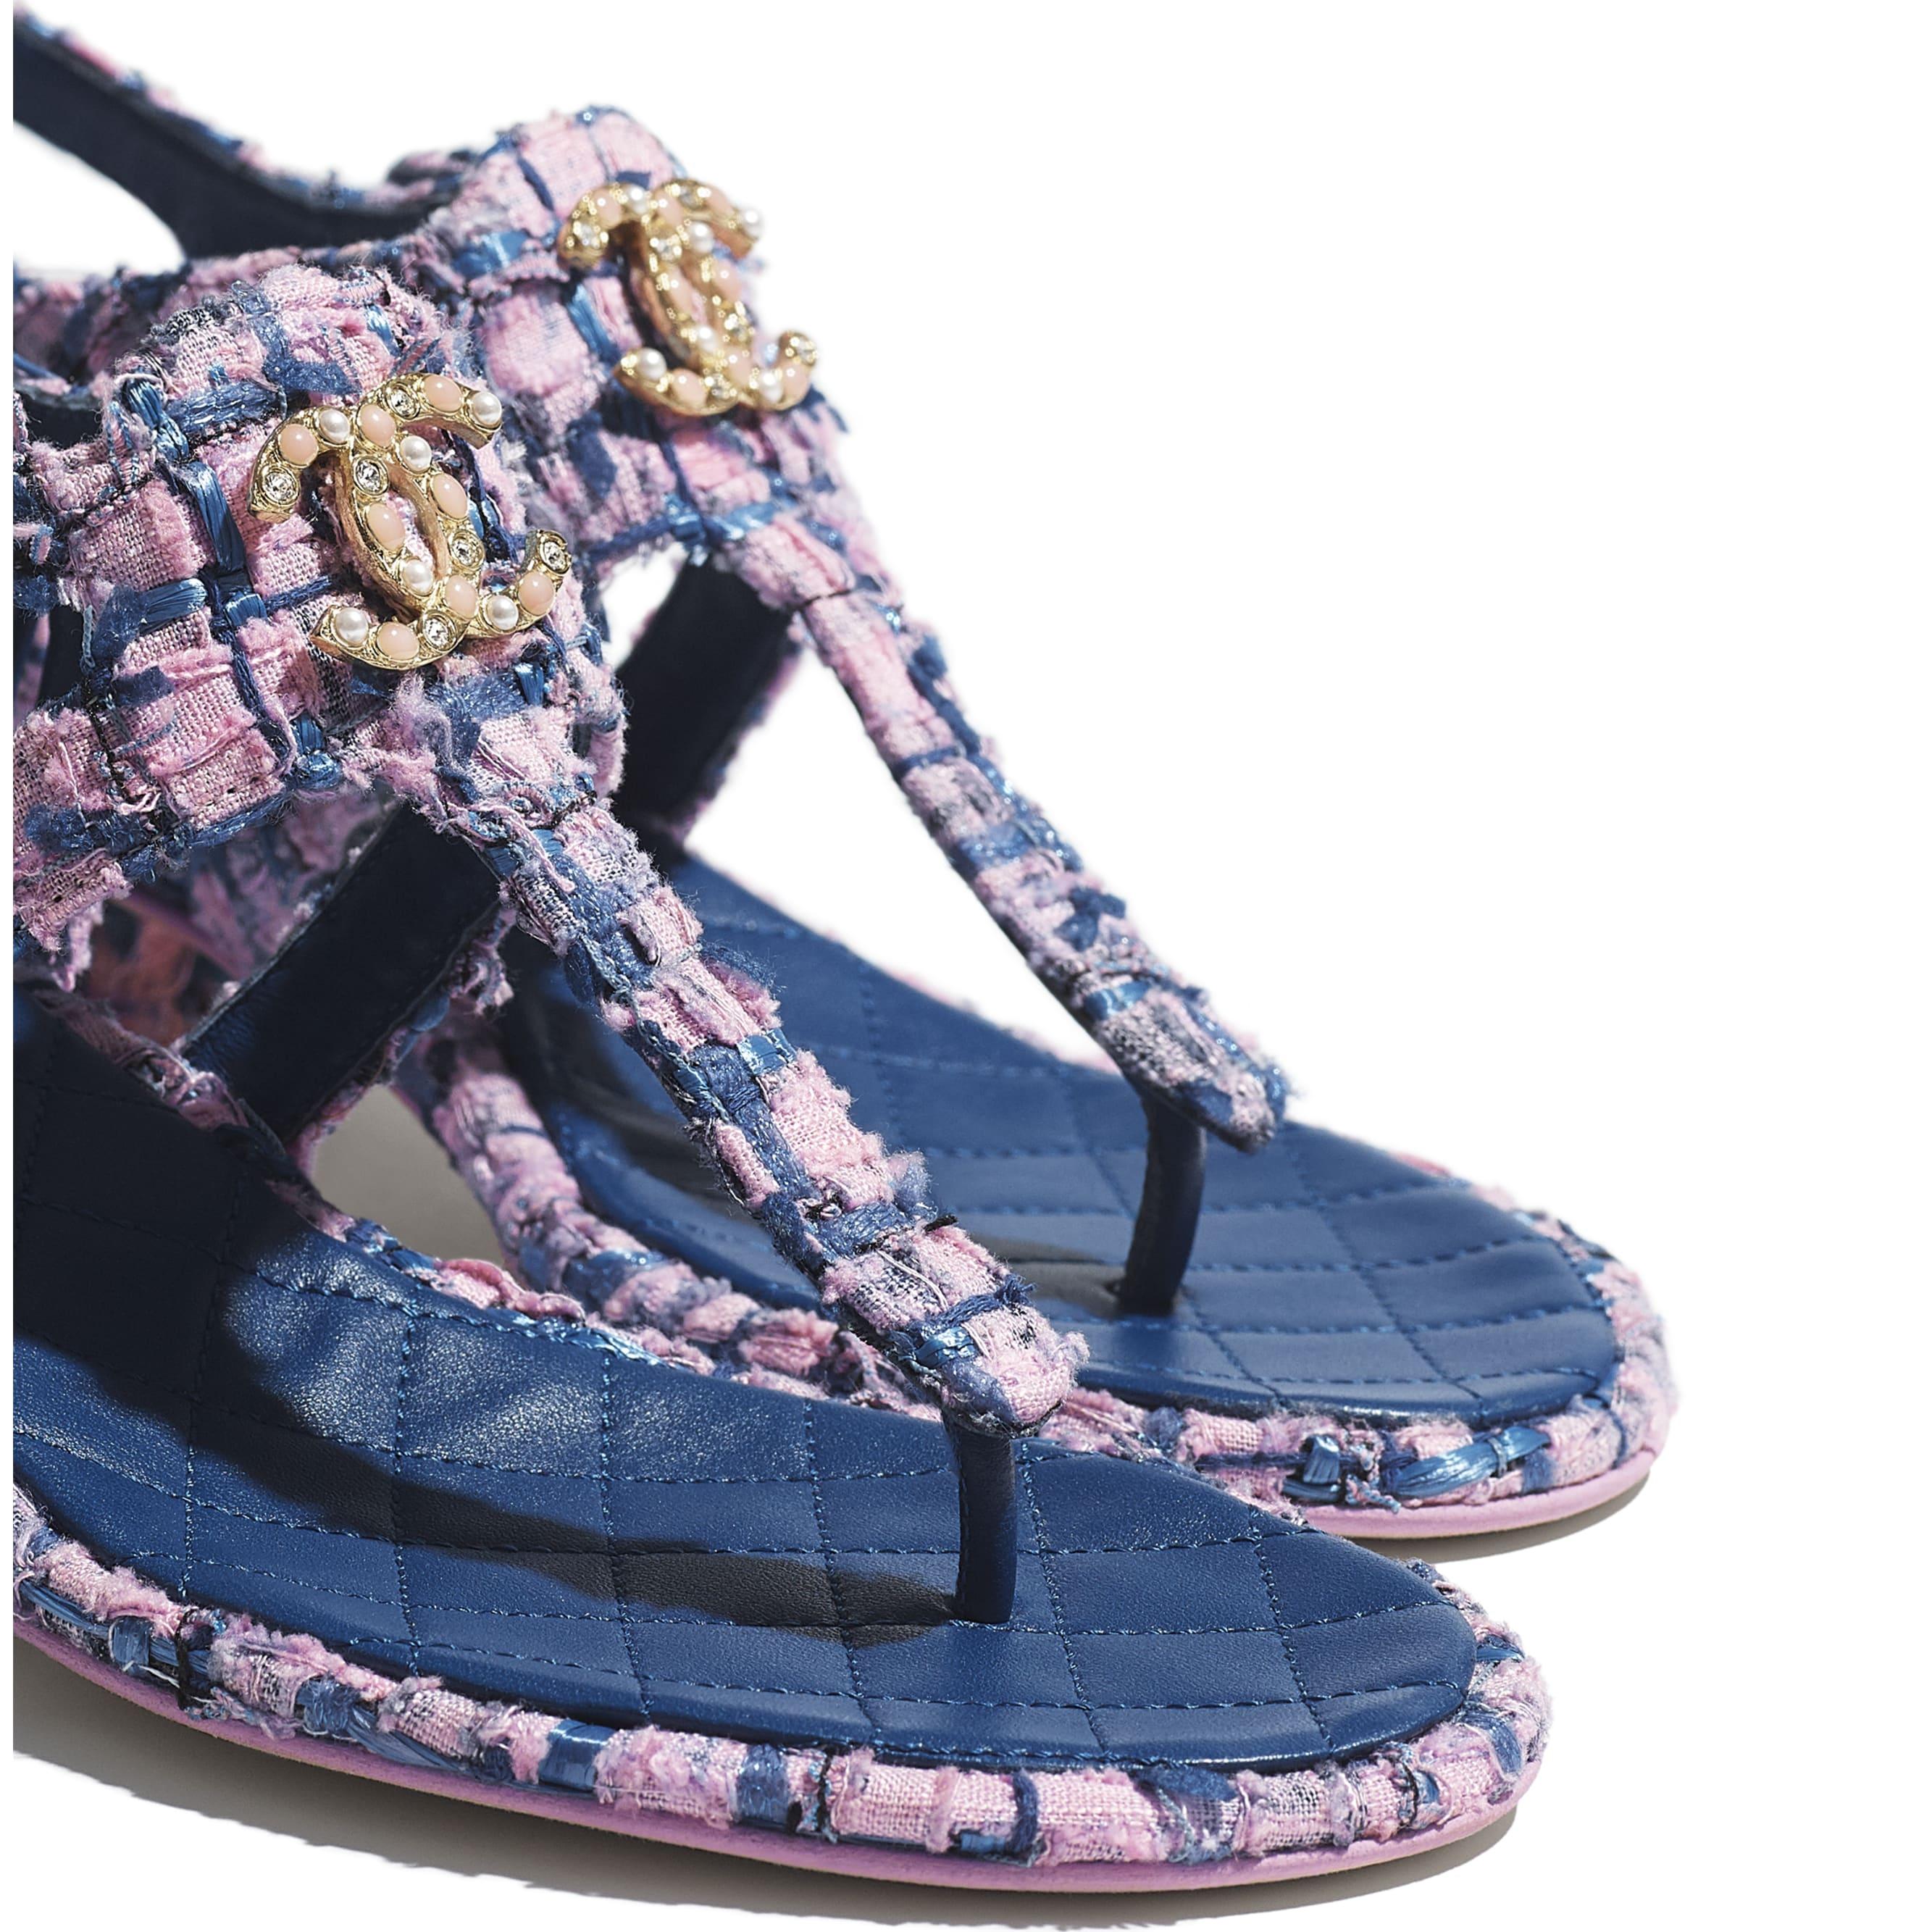 Sandálias - Pink, Blue & Navy Blue - Tweed - CHANEL - Vista extra - ver a versão em tamanho standard